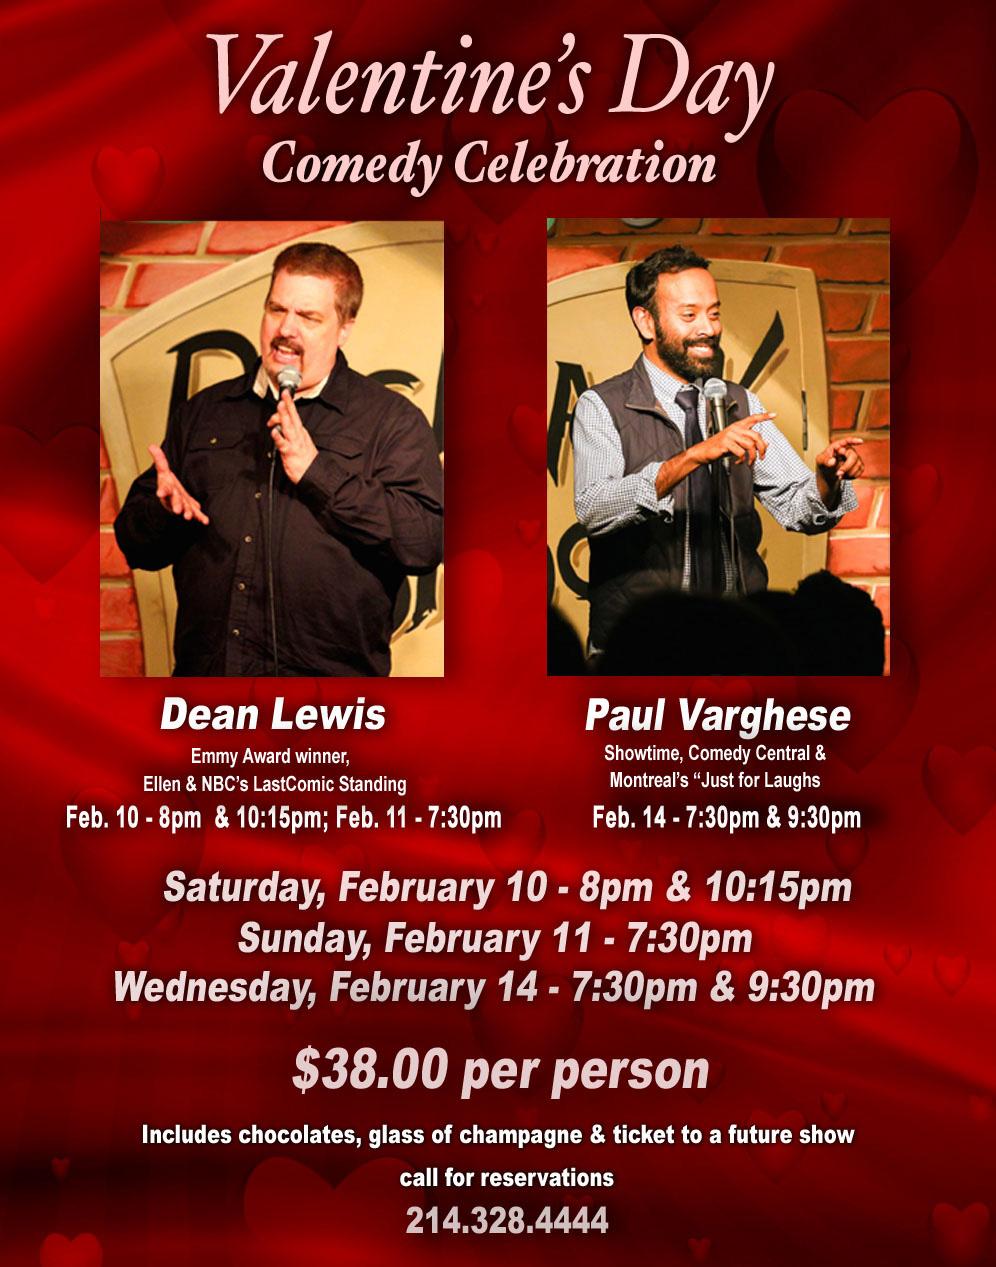 Backdoor Comedy Club Dallas Fort Worth TX 2143284444